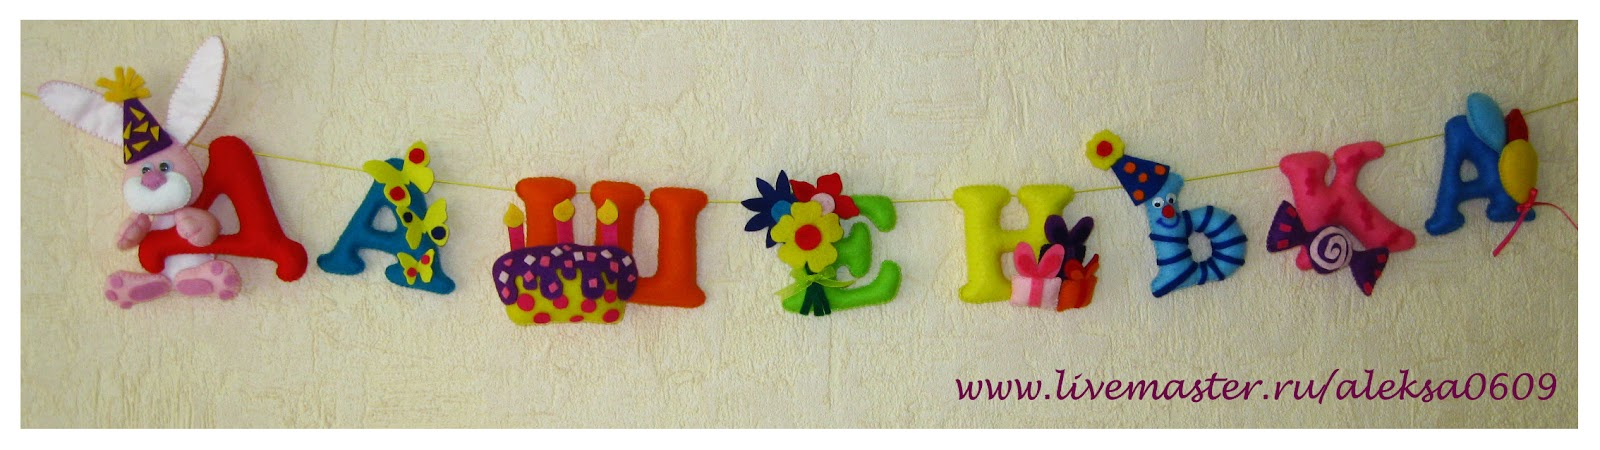 Как украсить буквы из фетра своими руками